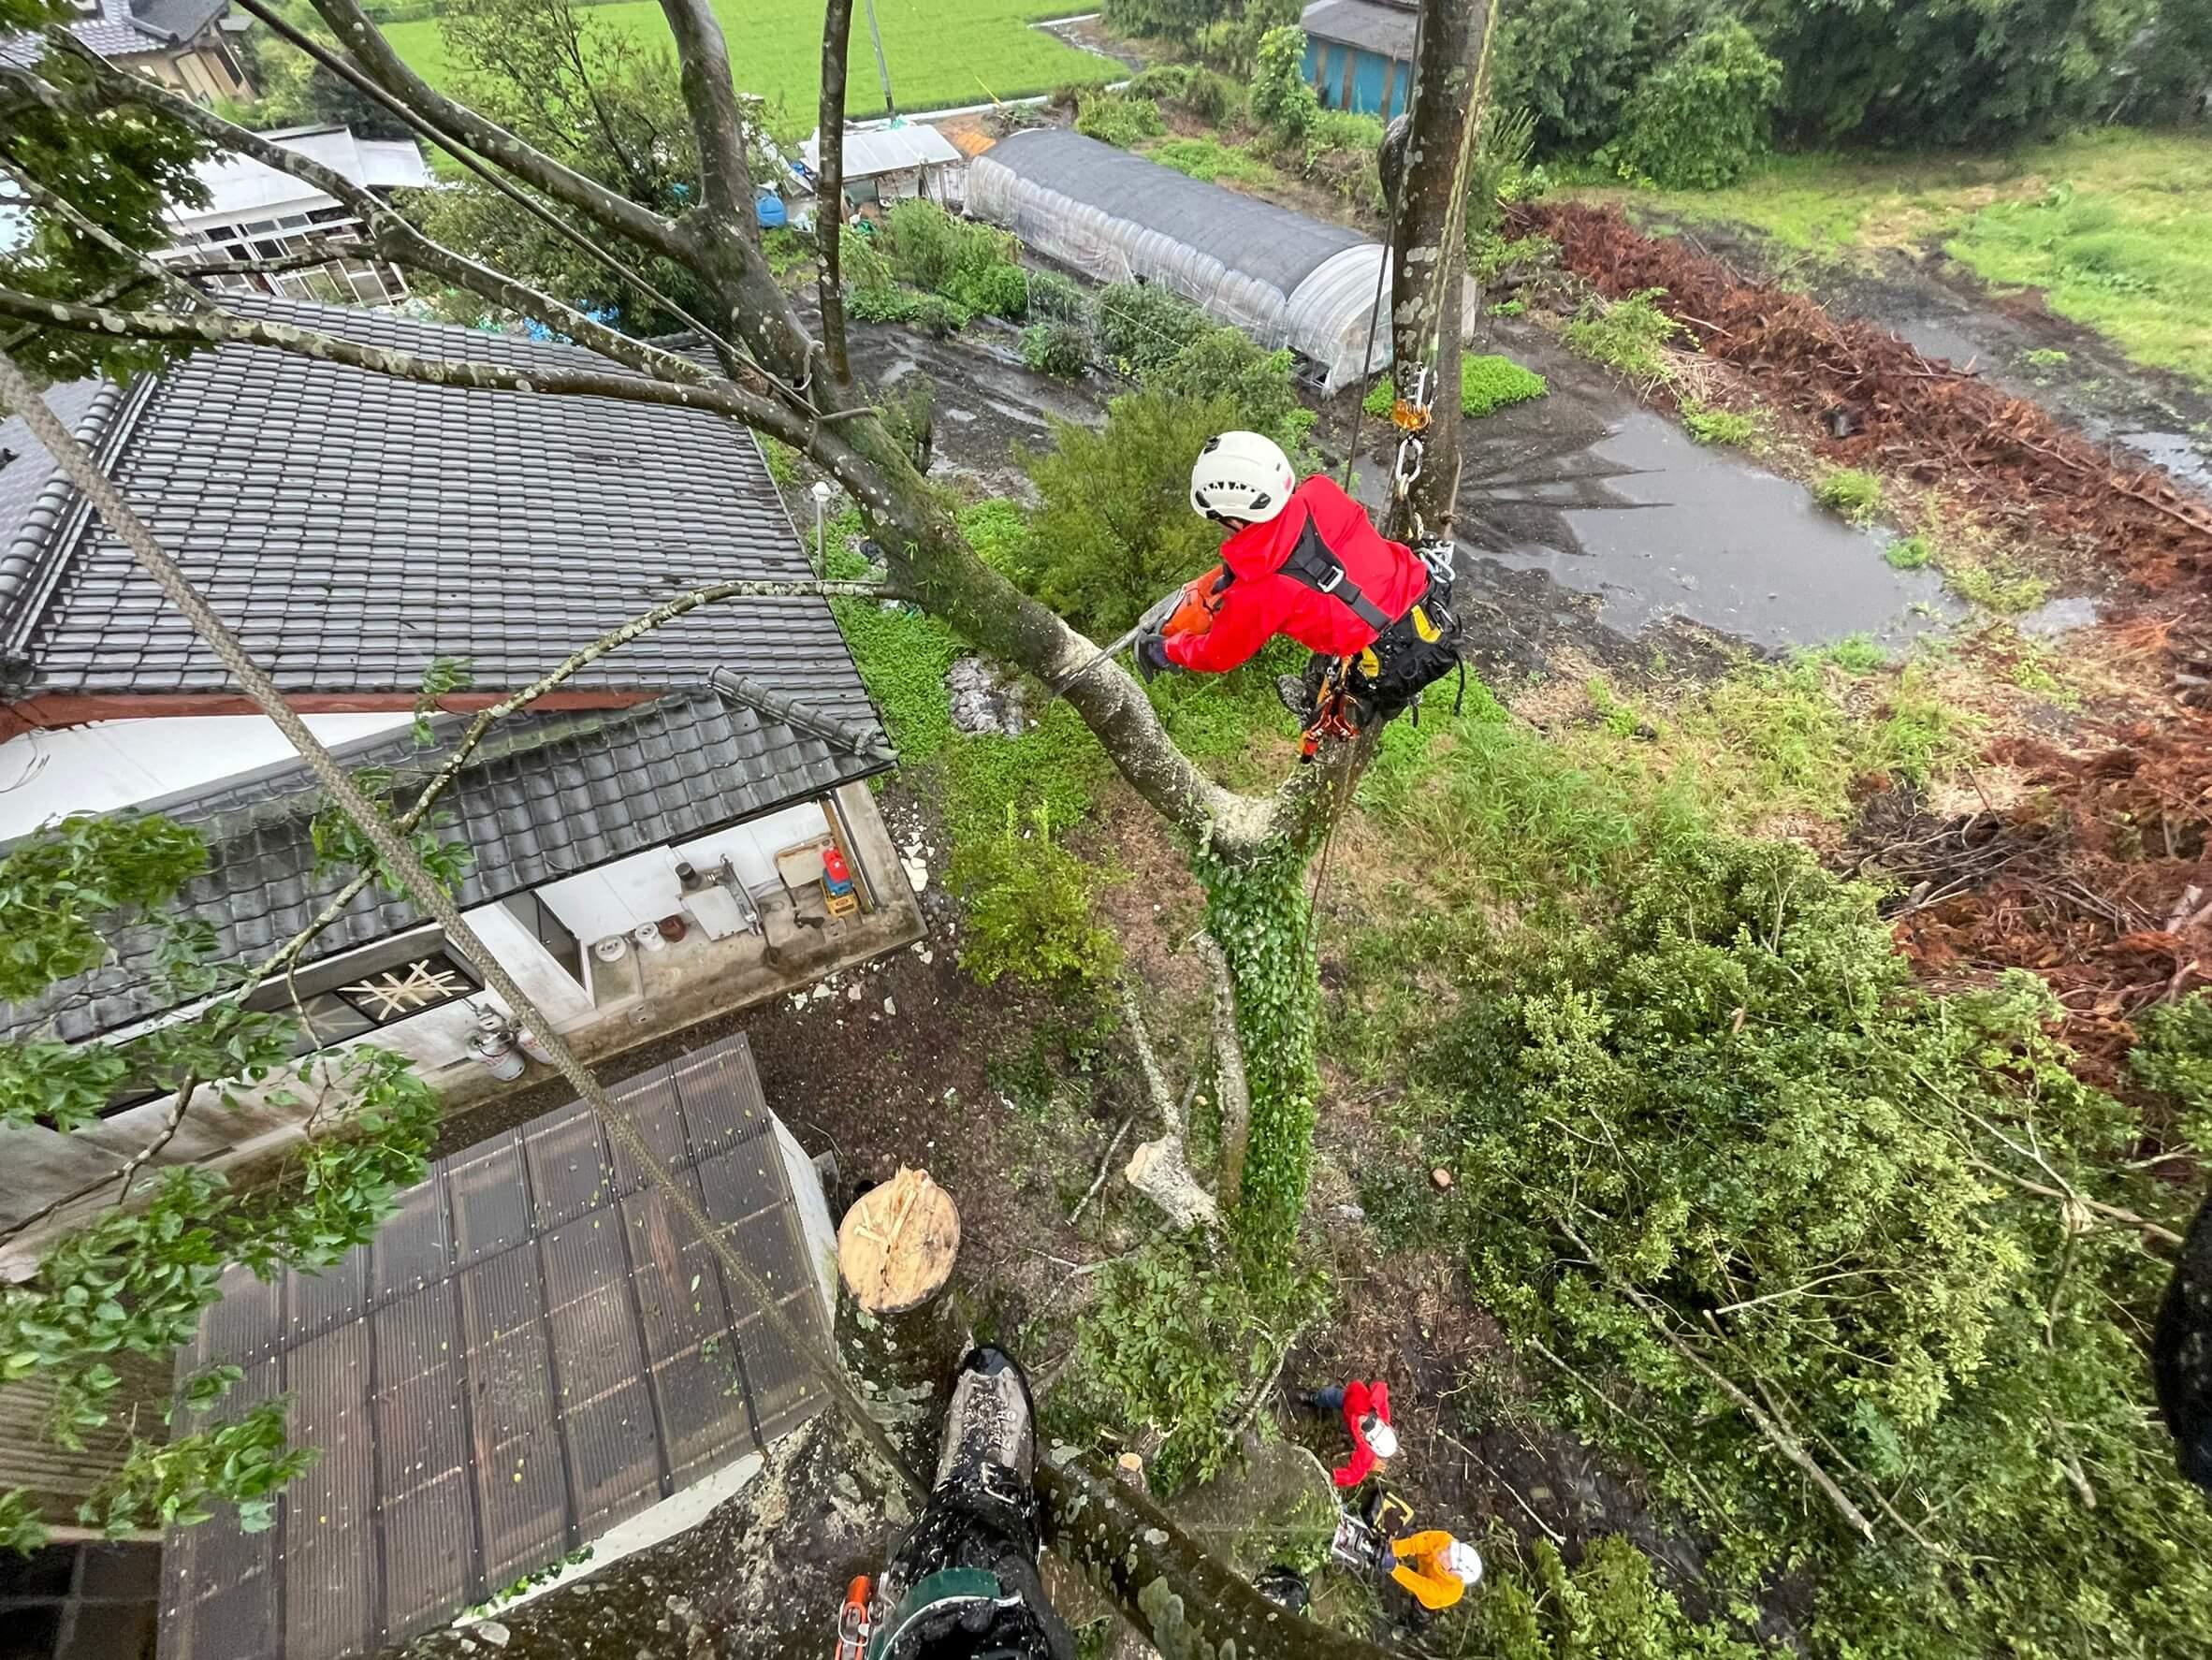 ロープで吊った枝葉を切る田嶋。切った枝は構造物を避けて静かに地上へ下ろします